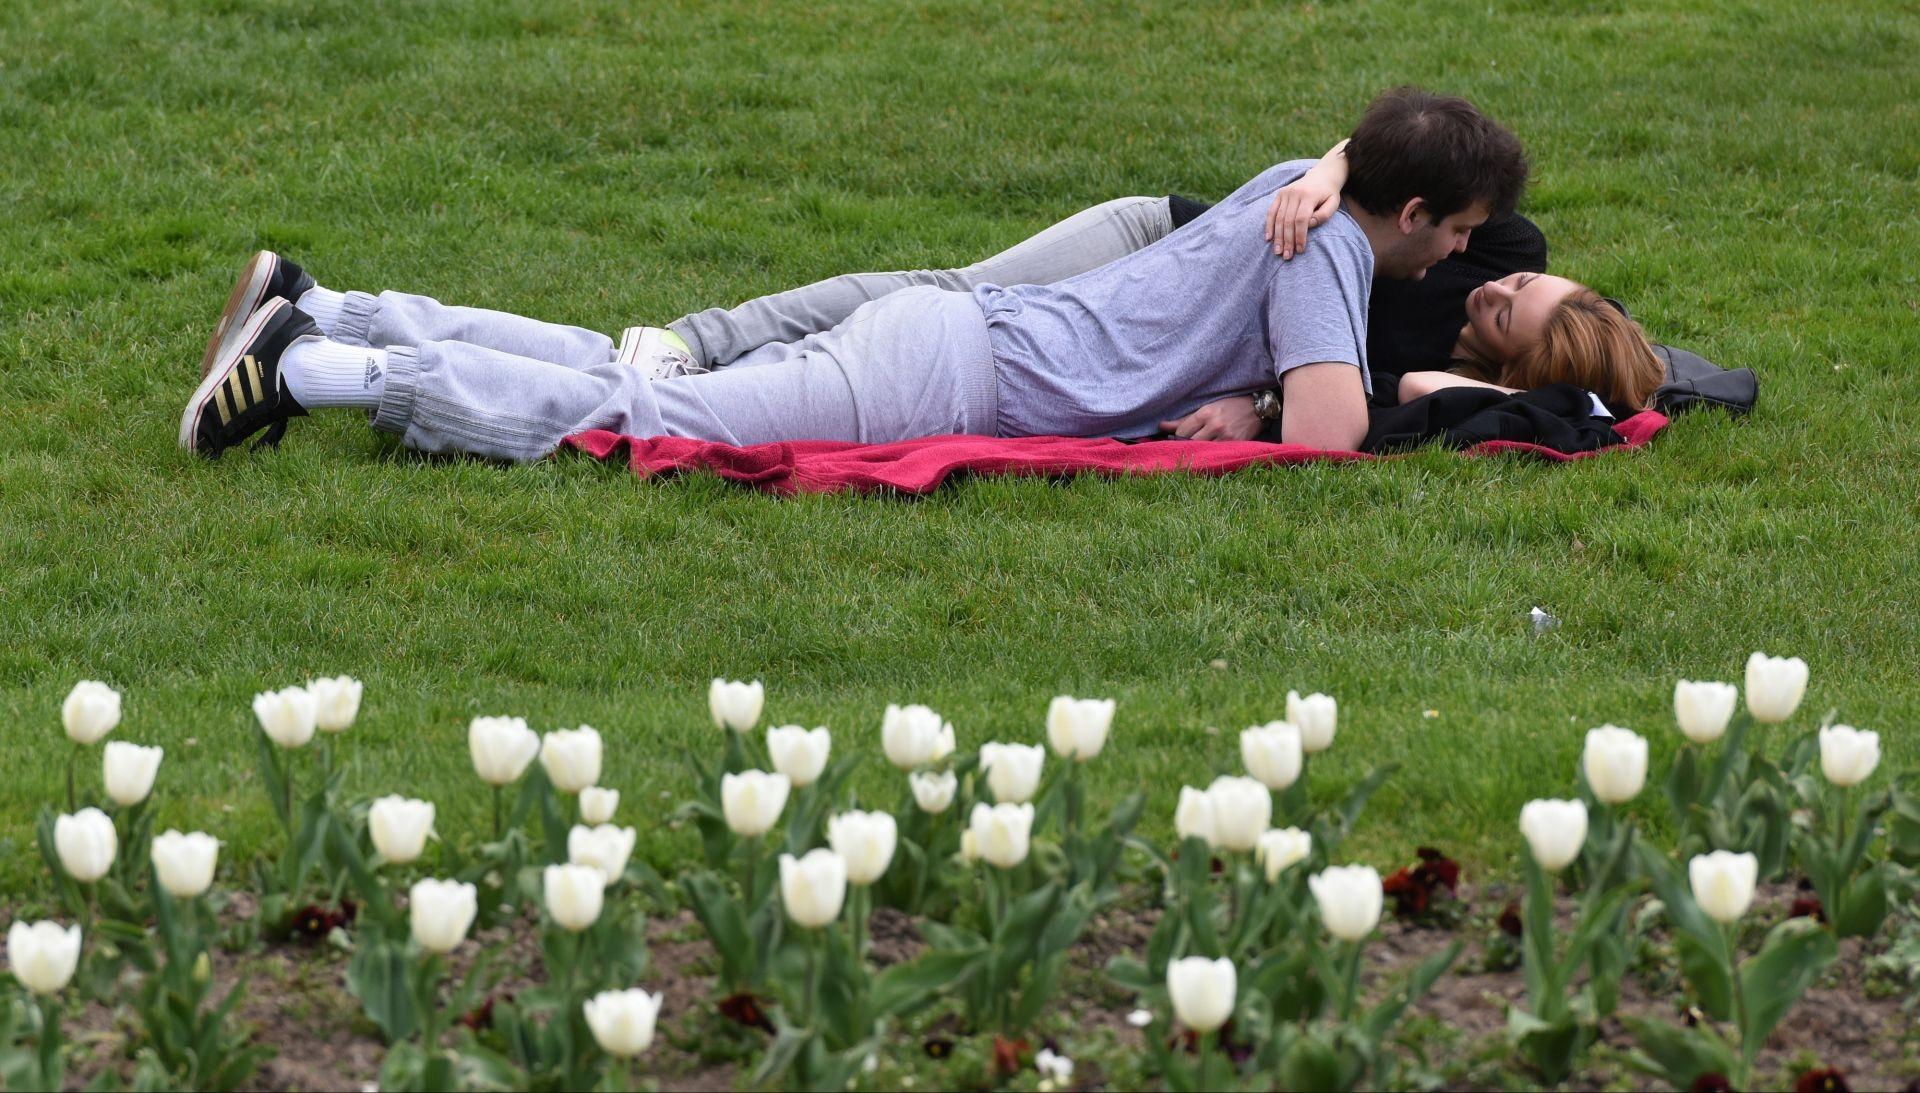 ISTRAŽIVANJE Muškarci puno dulje 'osjećaju gubitak' nakon prekida veze